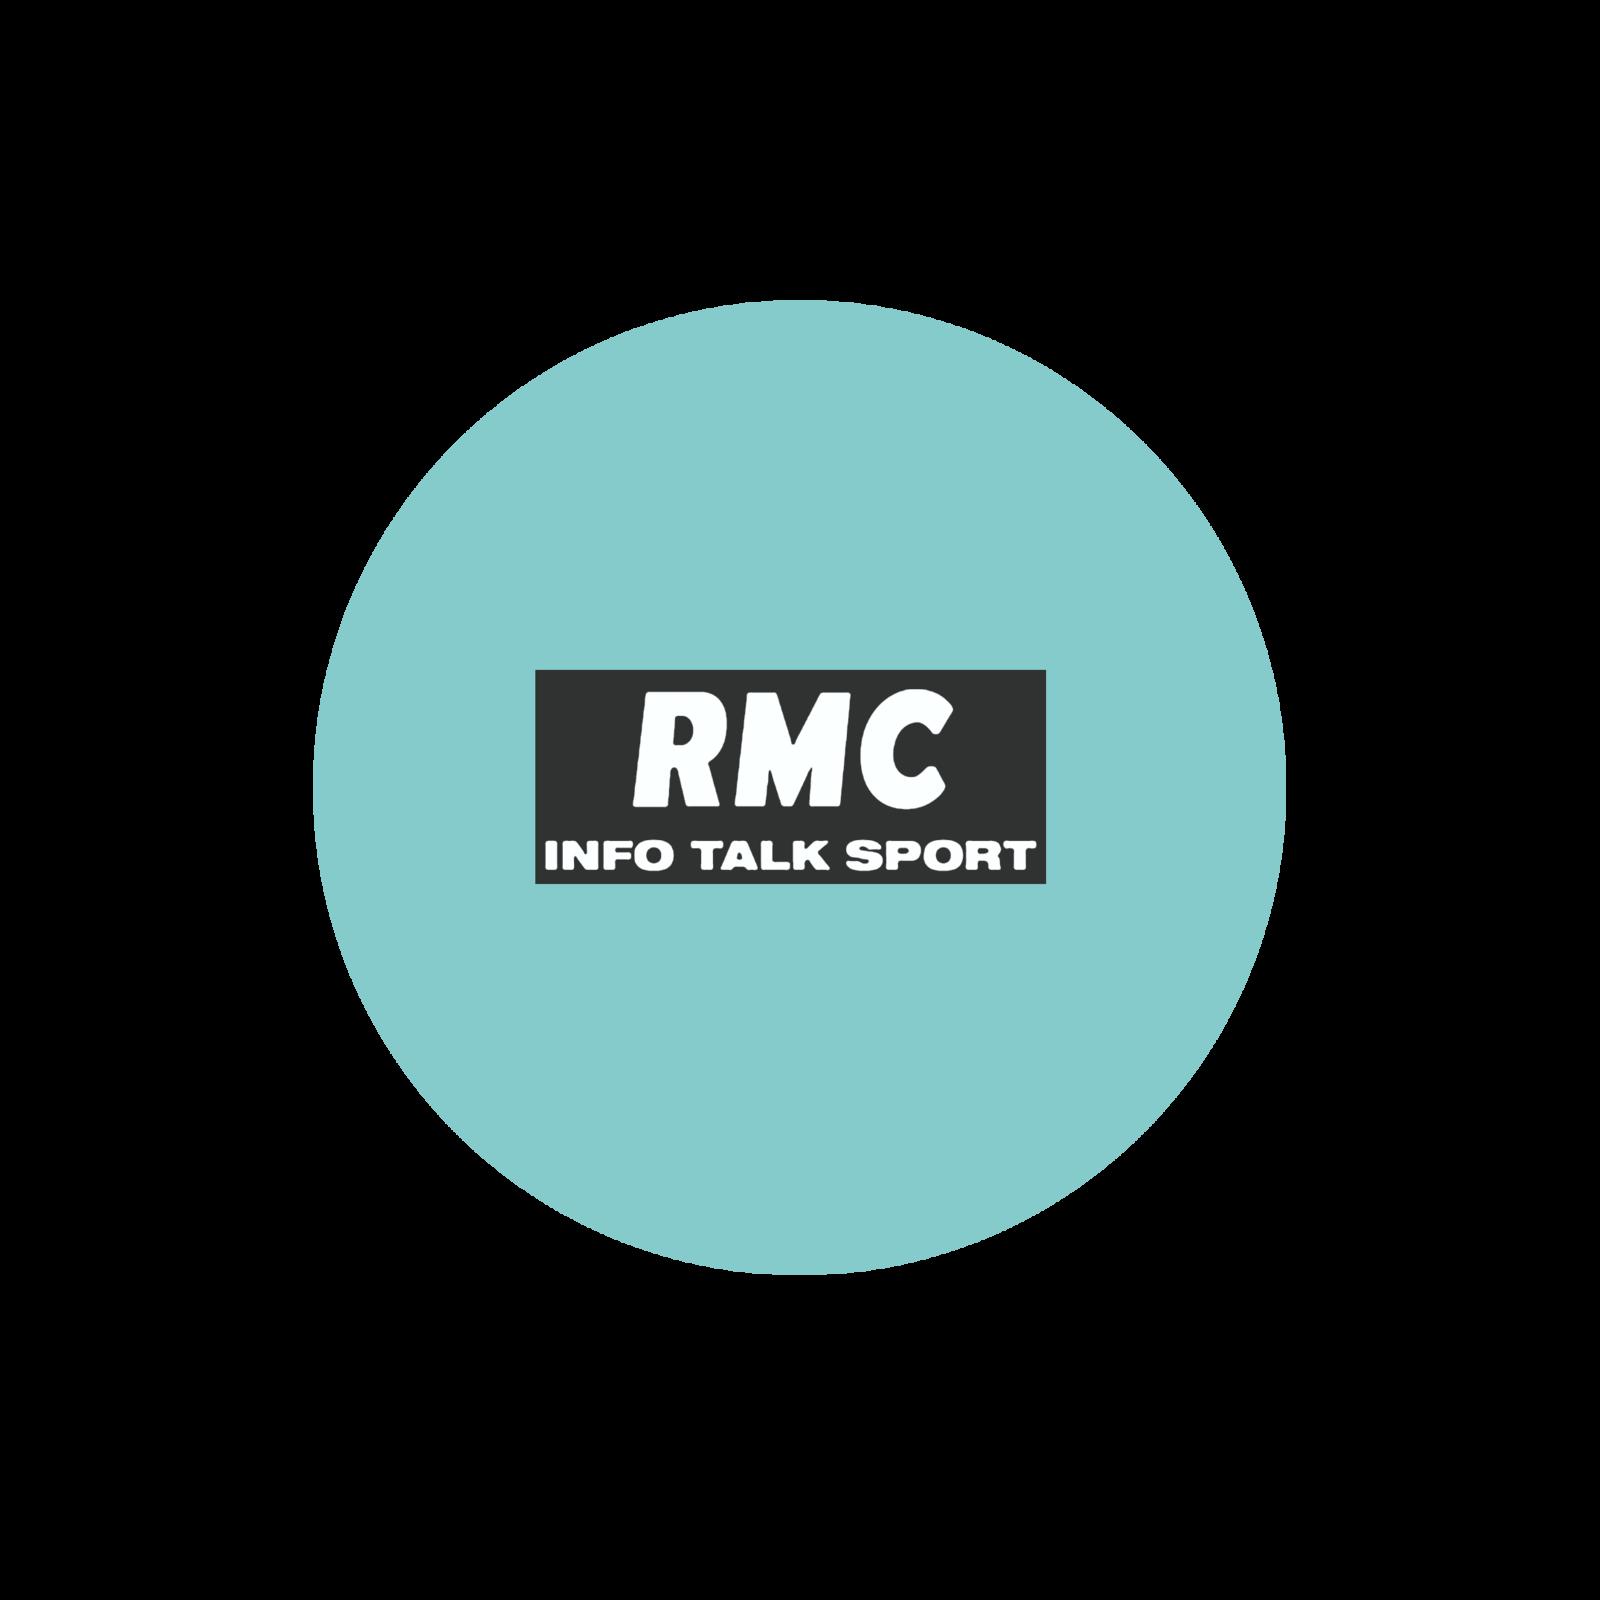 RMC s'insurge contre des propos tenus par Jean-Luc Mélenchon.